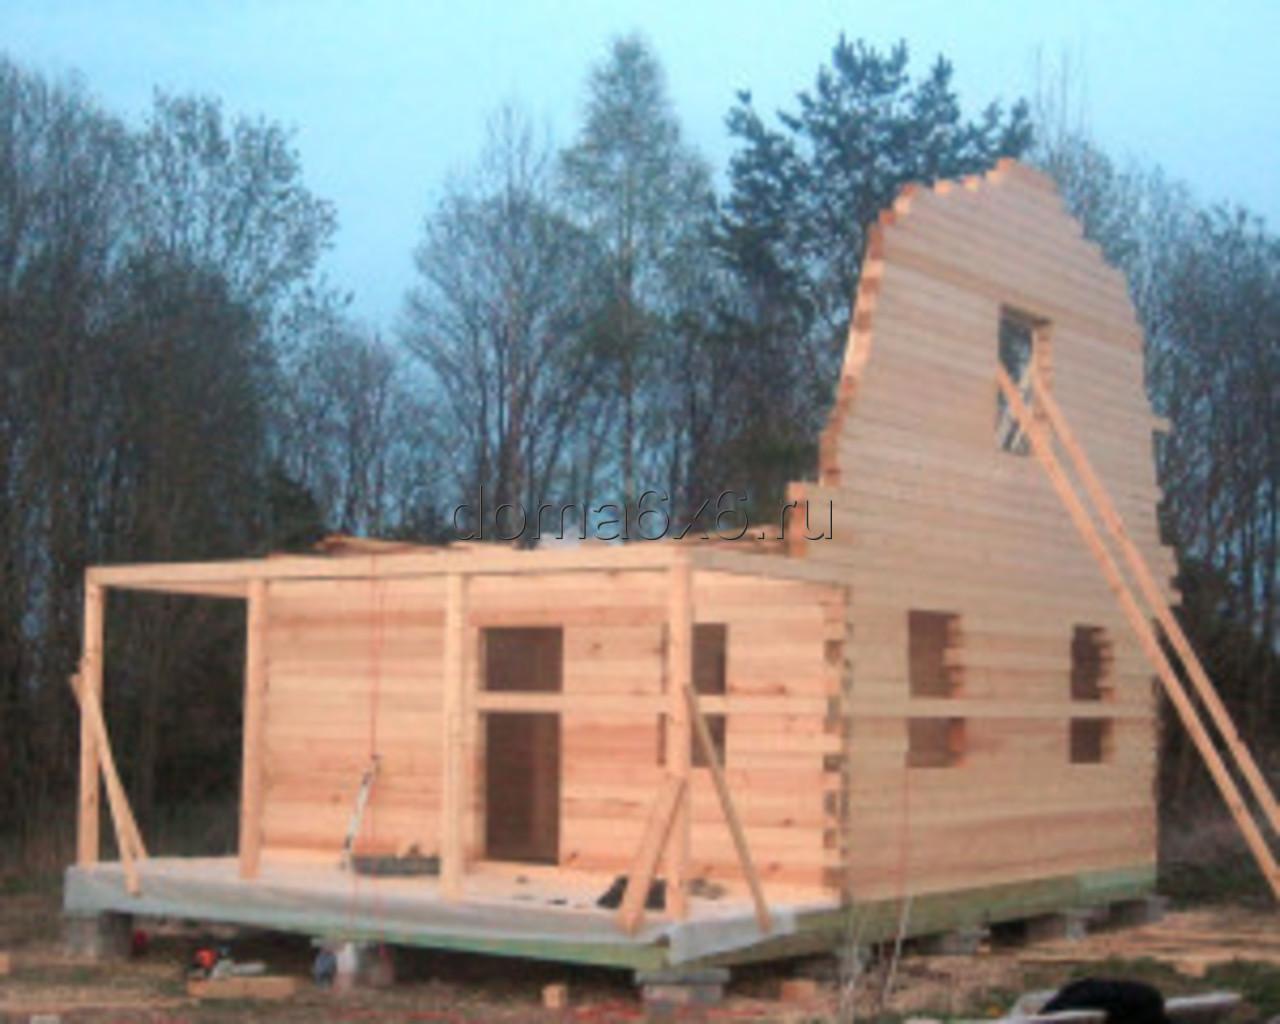 Строительство дома из бруса в д.Сельково - вид первый